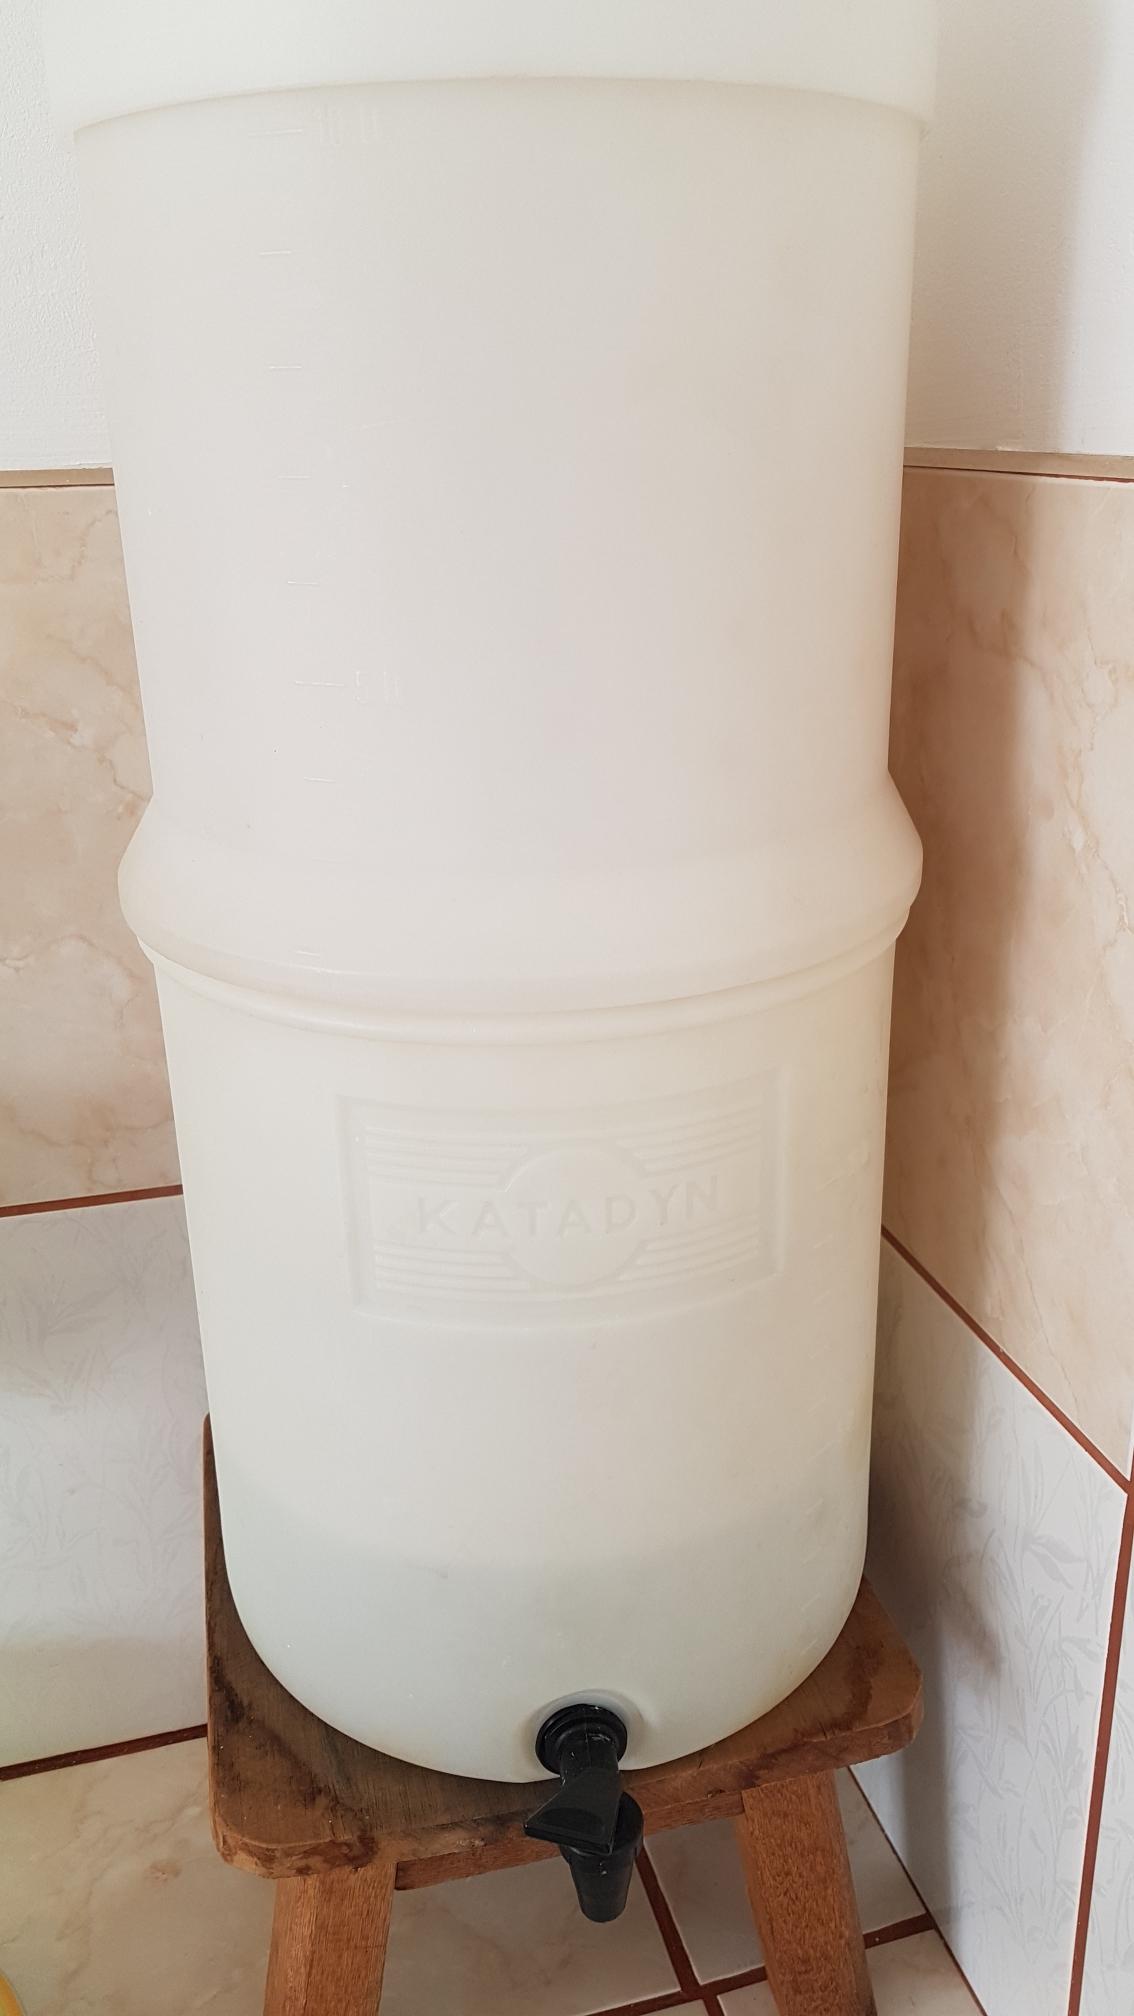 Unser Wasserfilter